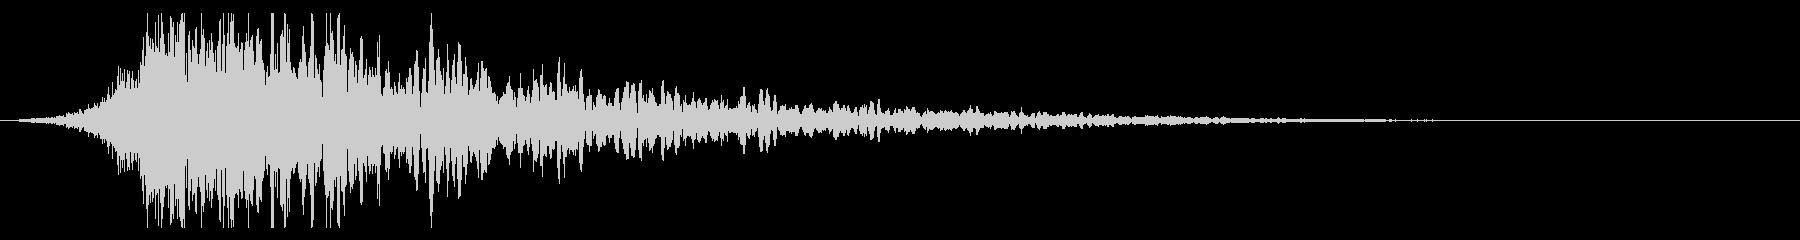 シュードーン-48-1(インパクト音)の未再生の波形